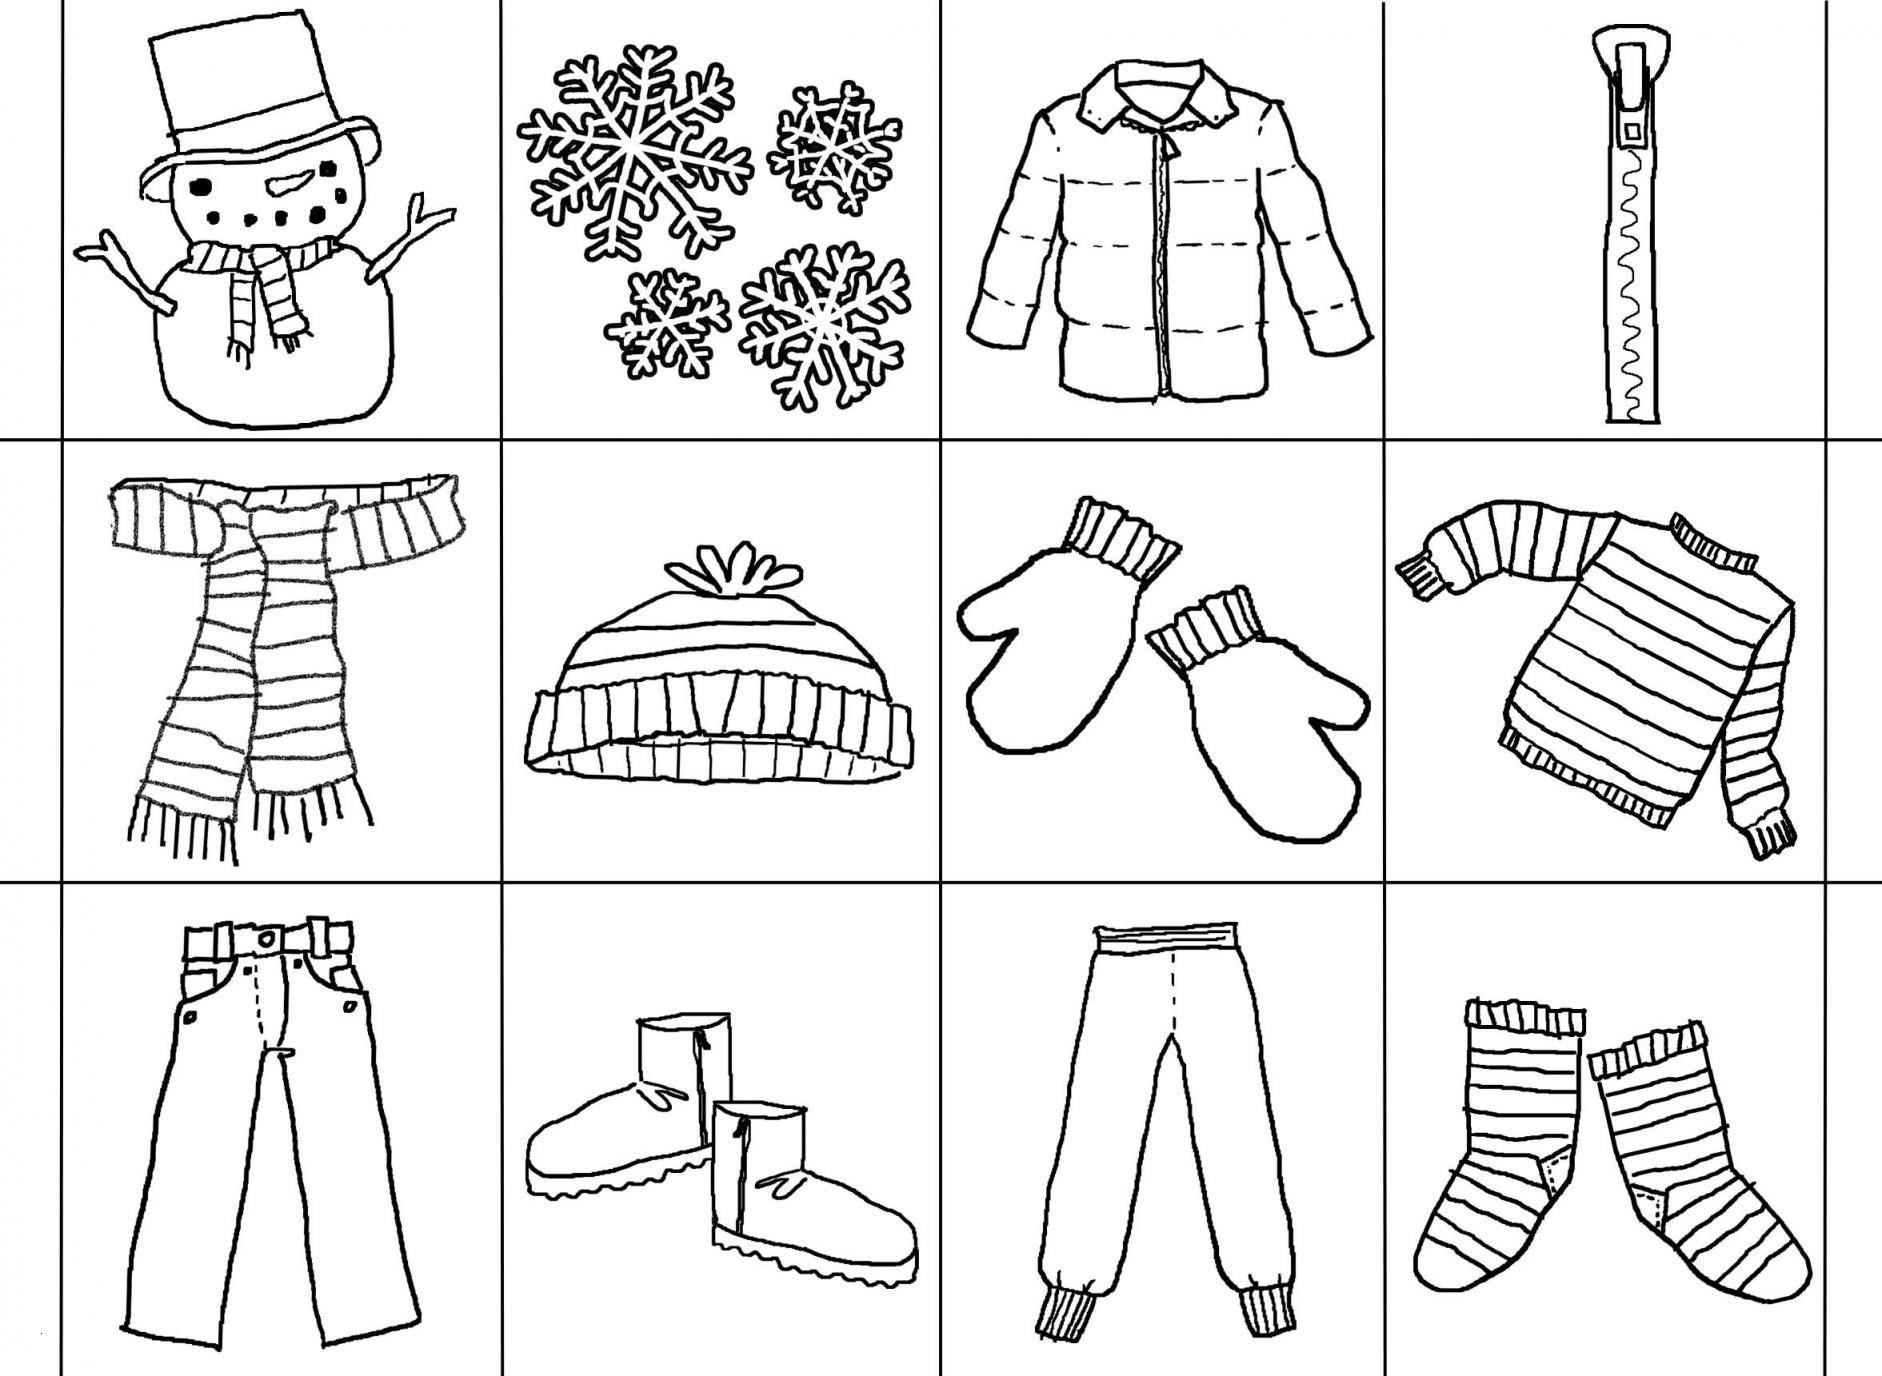 53 Einzigartig Ausmalbilder Playmobil Bilder Aktivitaten Fur Vorschulkinder Vorschule Winter Kinderbilder Zum Ausmalen